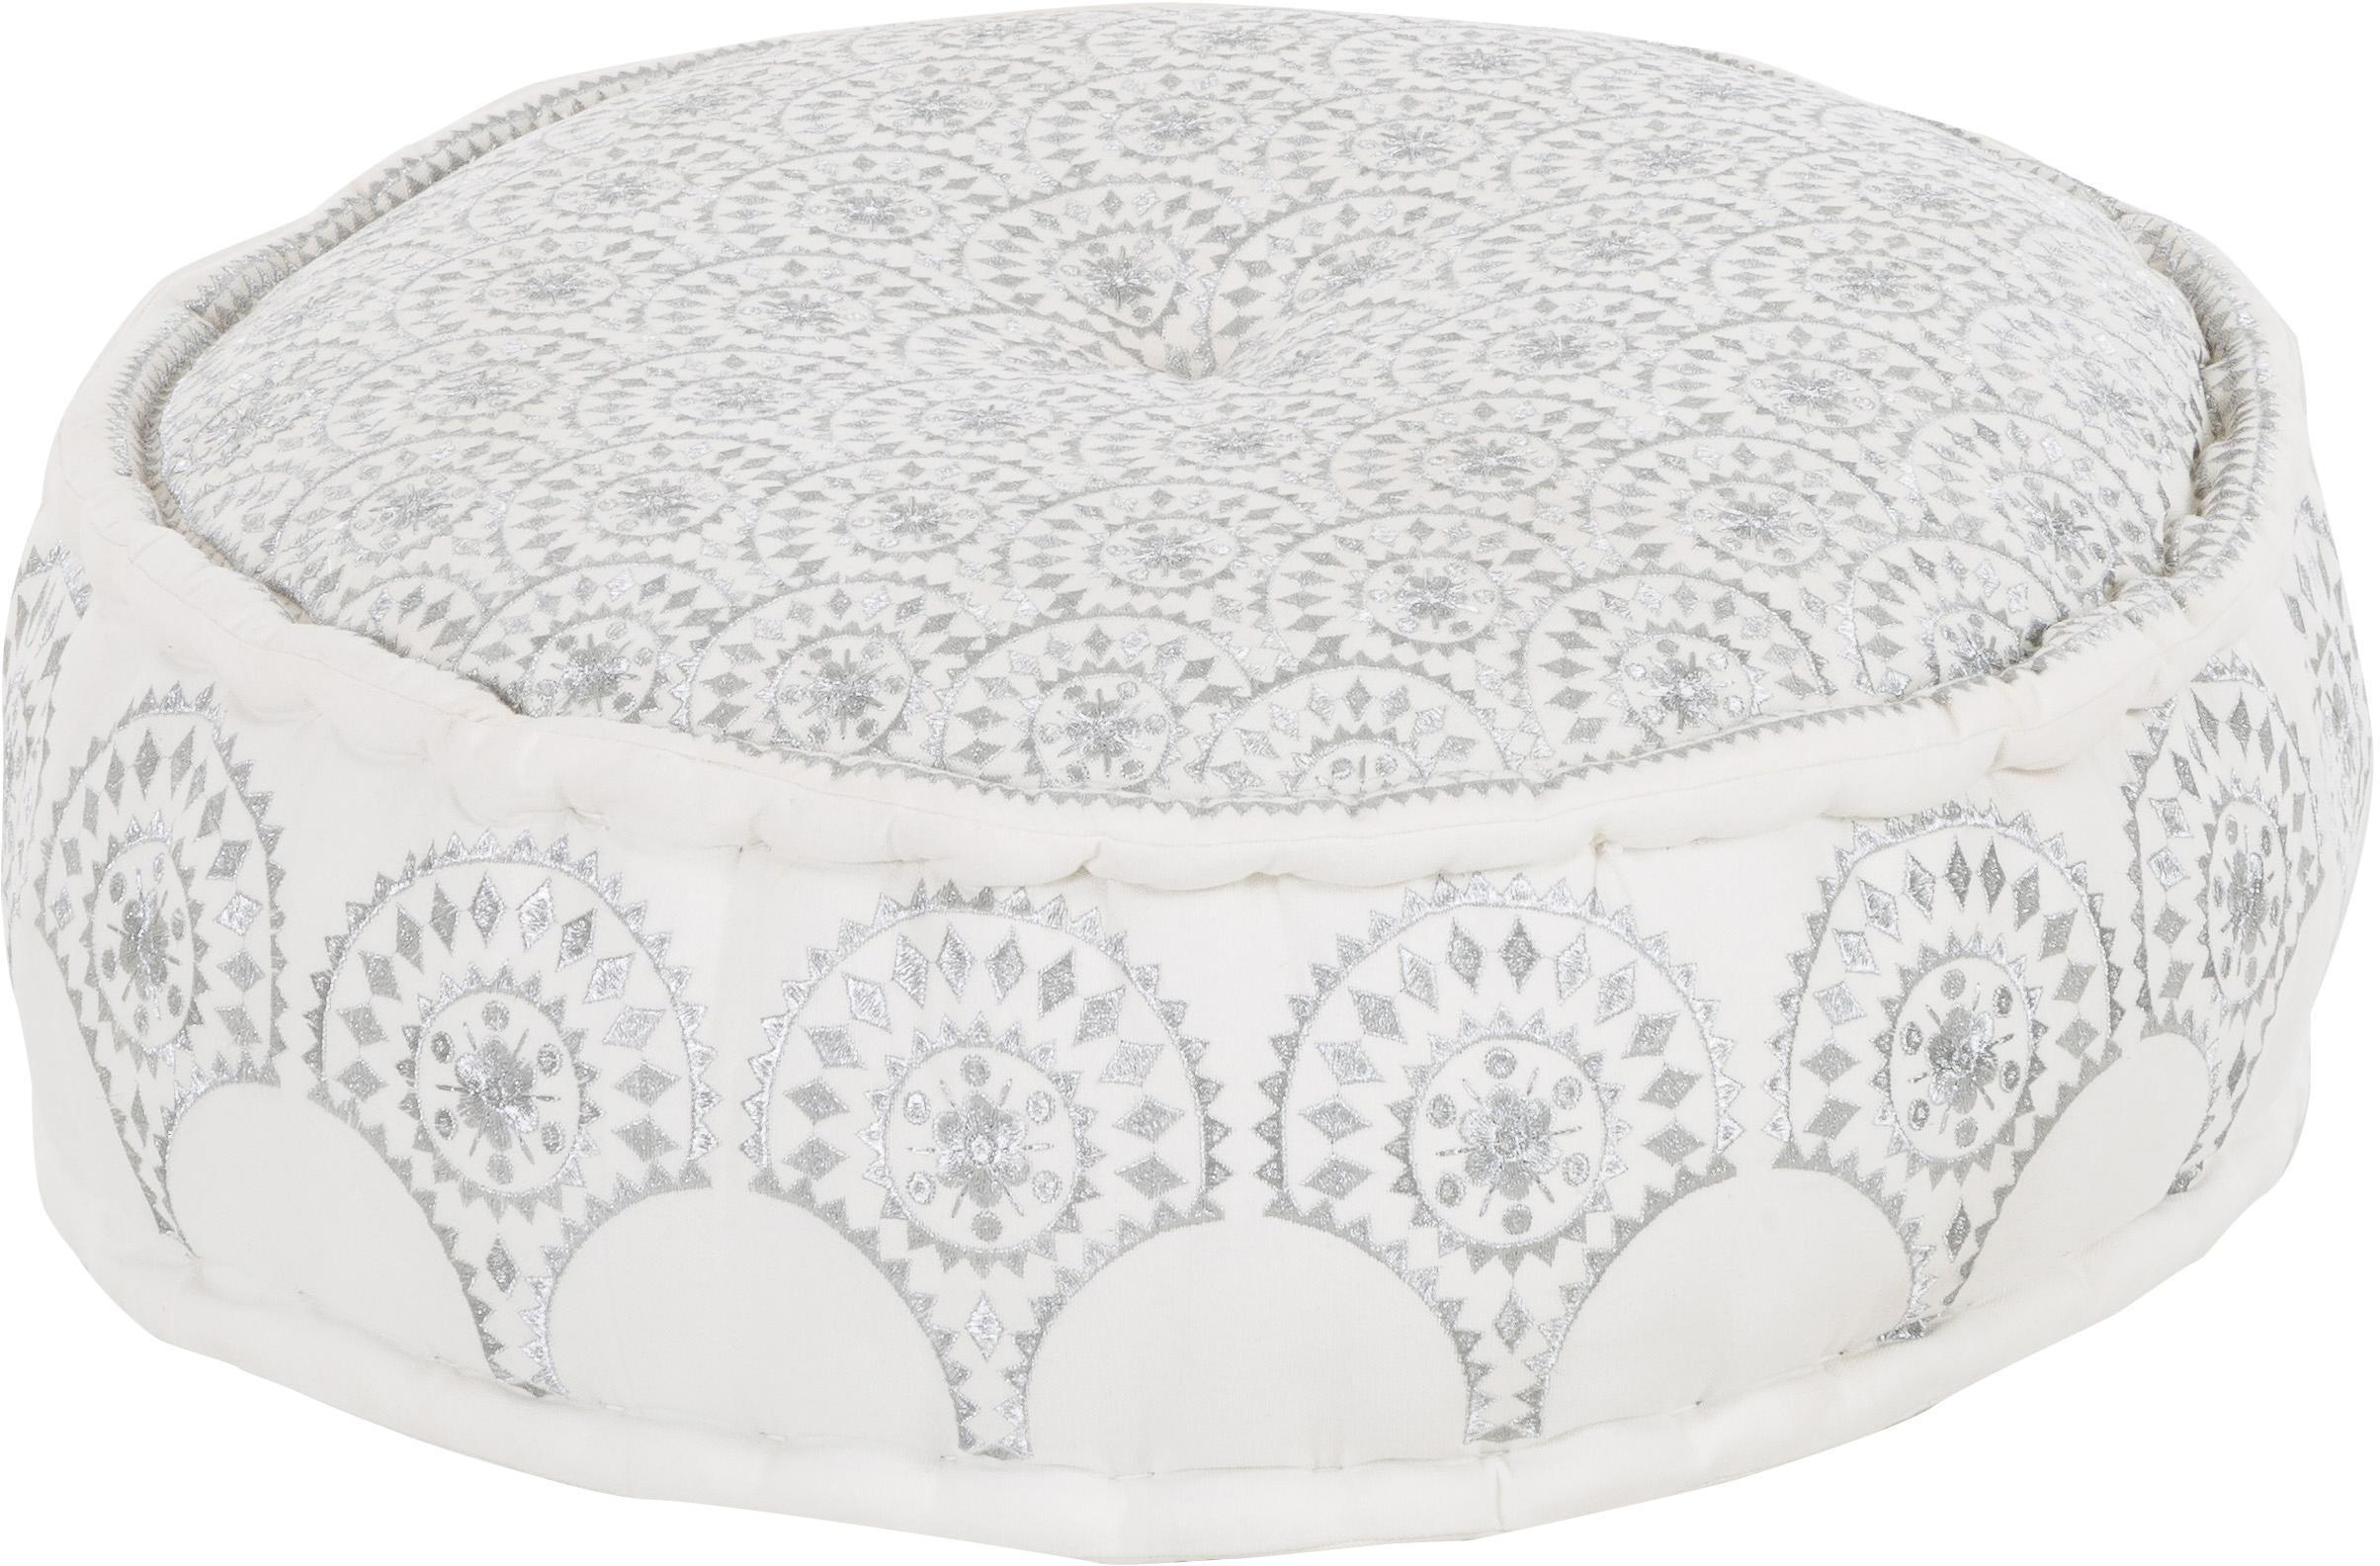 Rundes Bodenkissen Casablanca mit besticktem Muster, Bezug: 100% festes Baumwollcanva, Weiß, Silberfarben, Ø 60 x H 25 cm